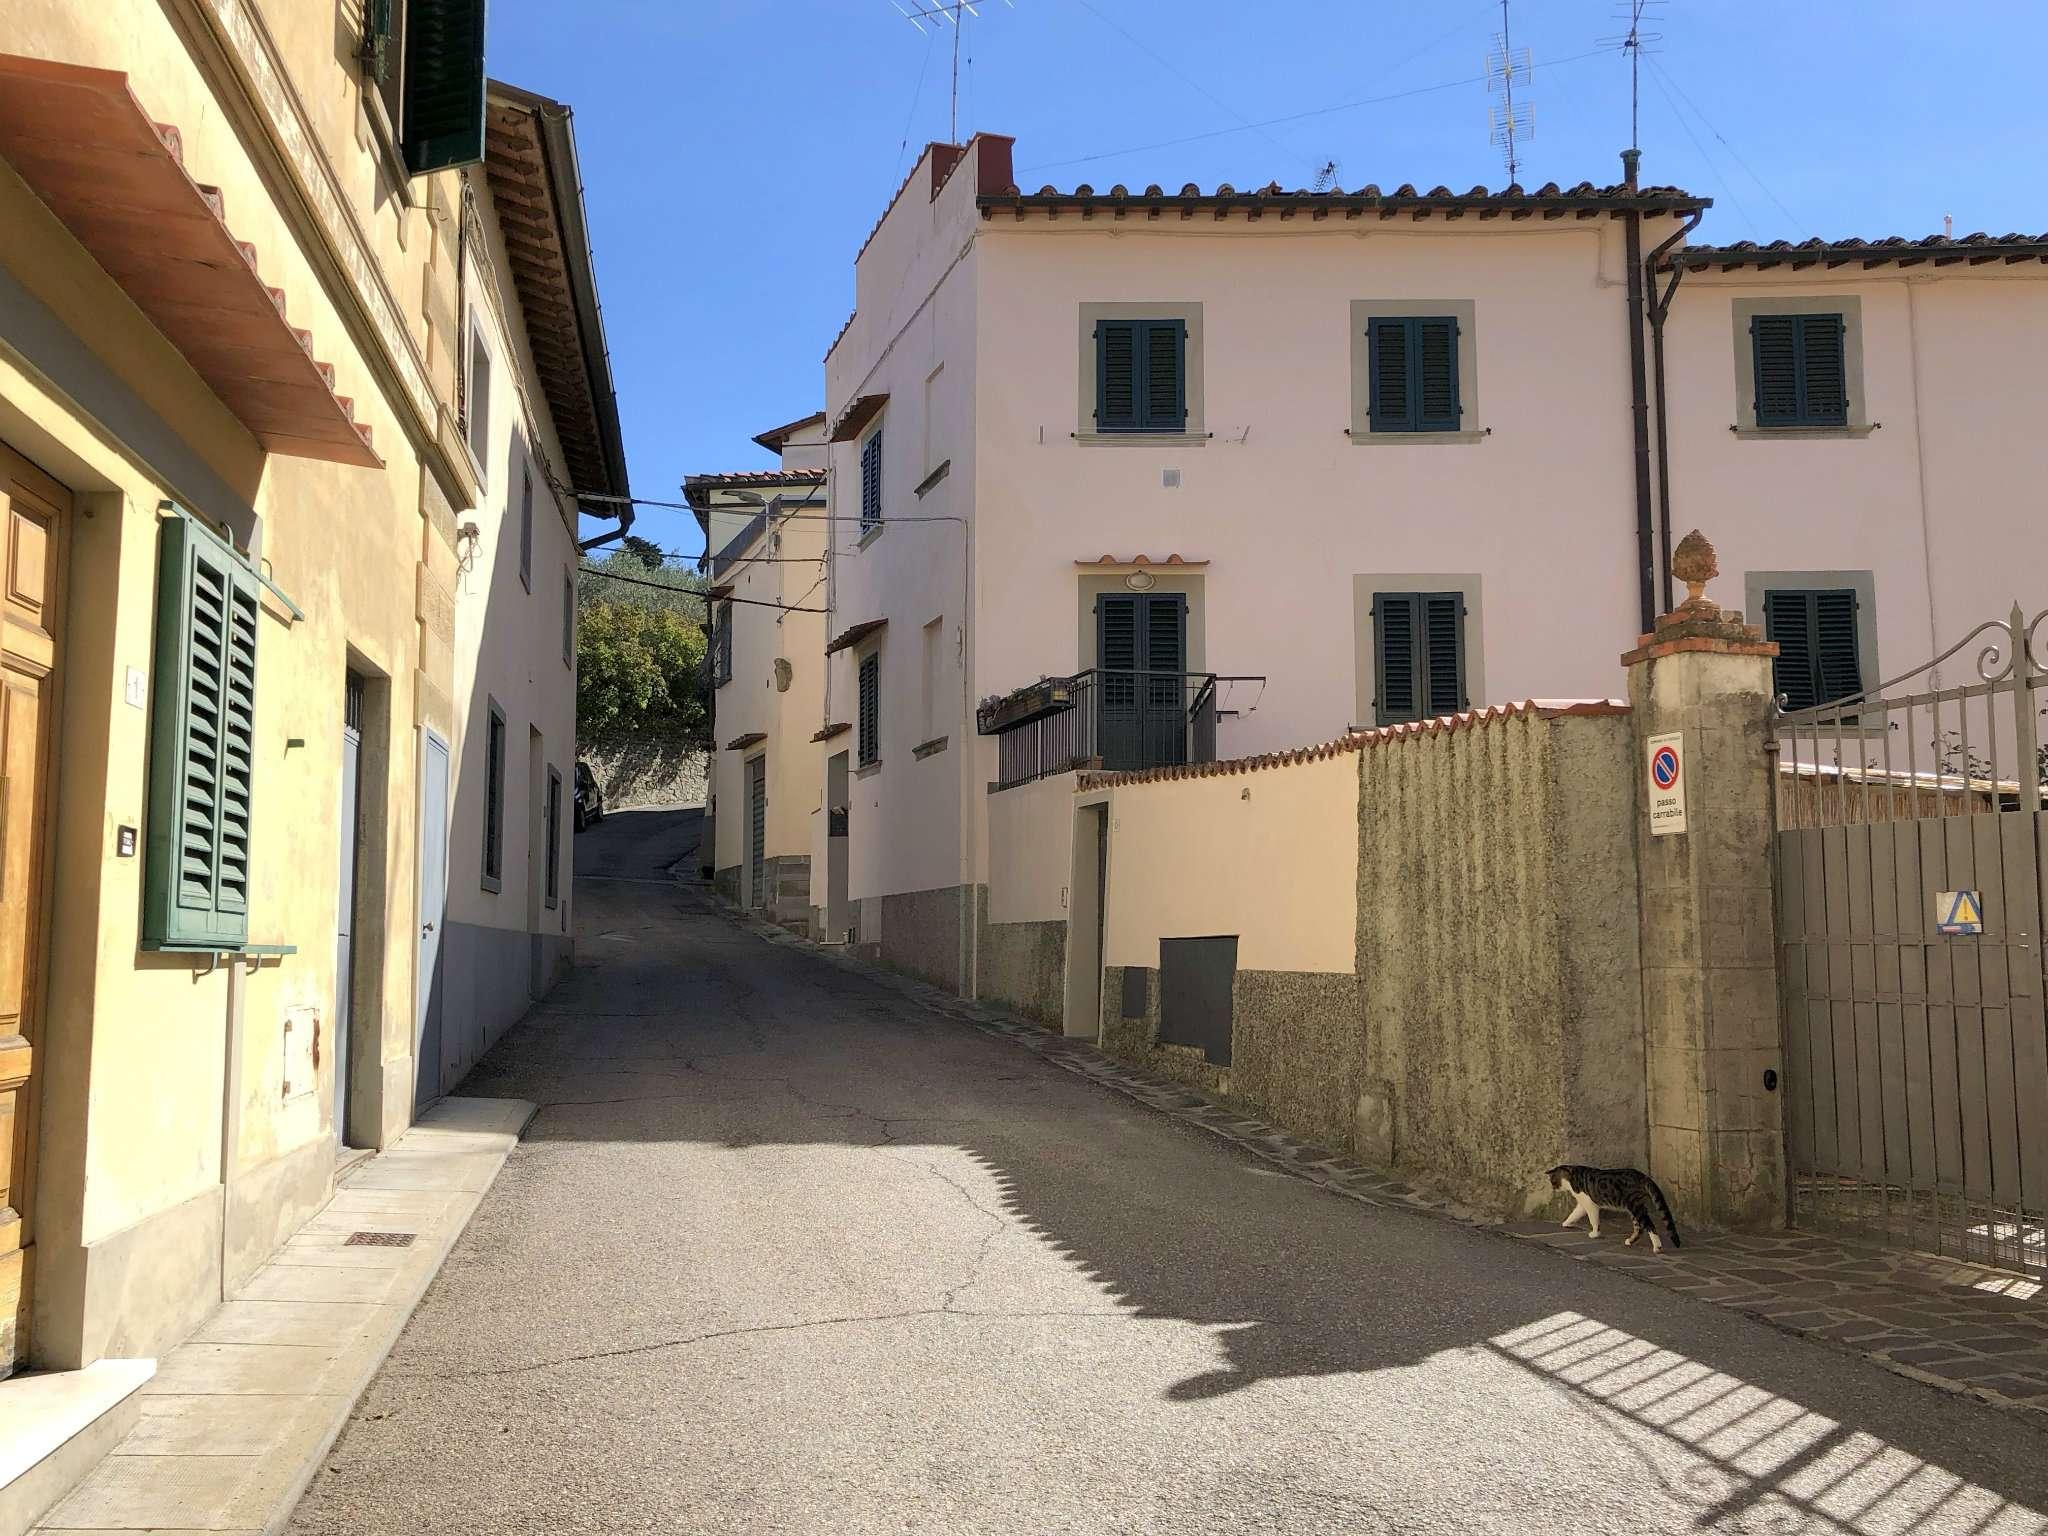 Bilocale - piccolo appartamento in ottimo stato arredato nei pressi del centro di Fiesole